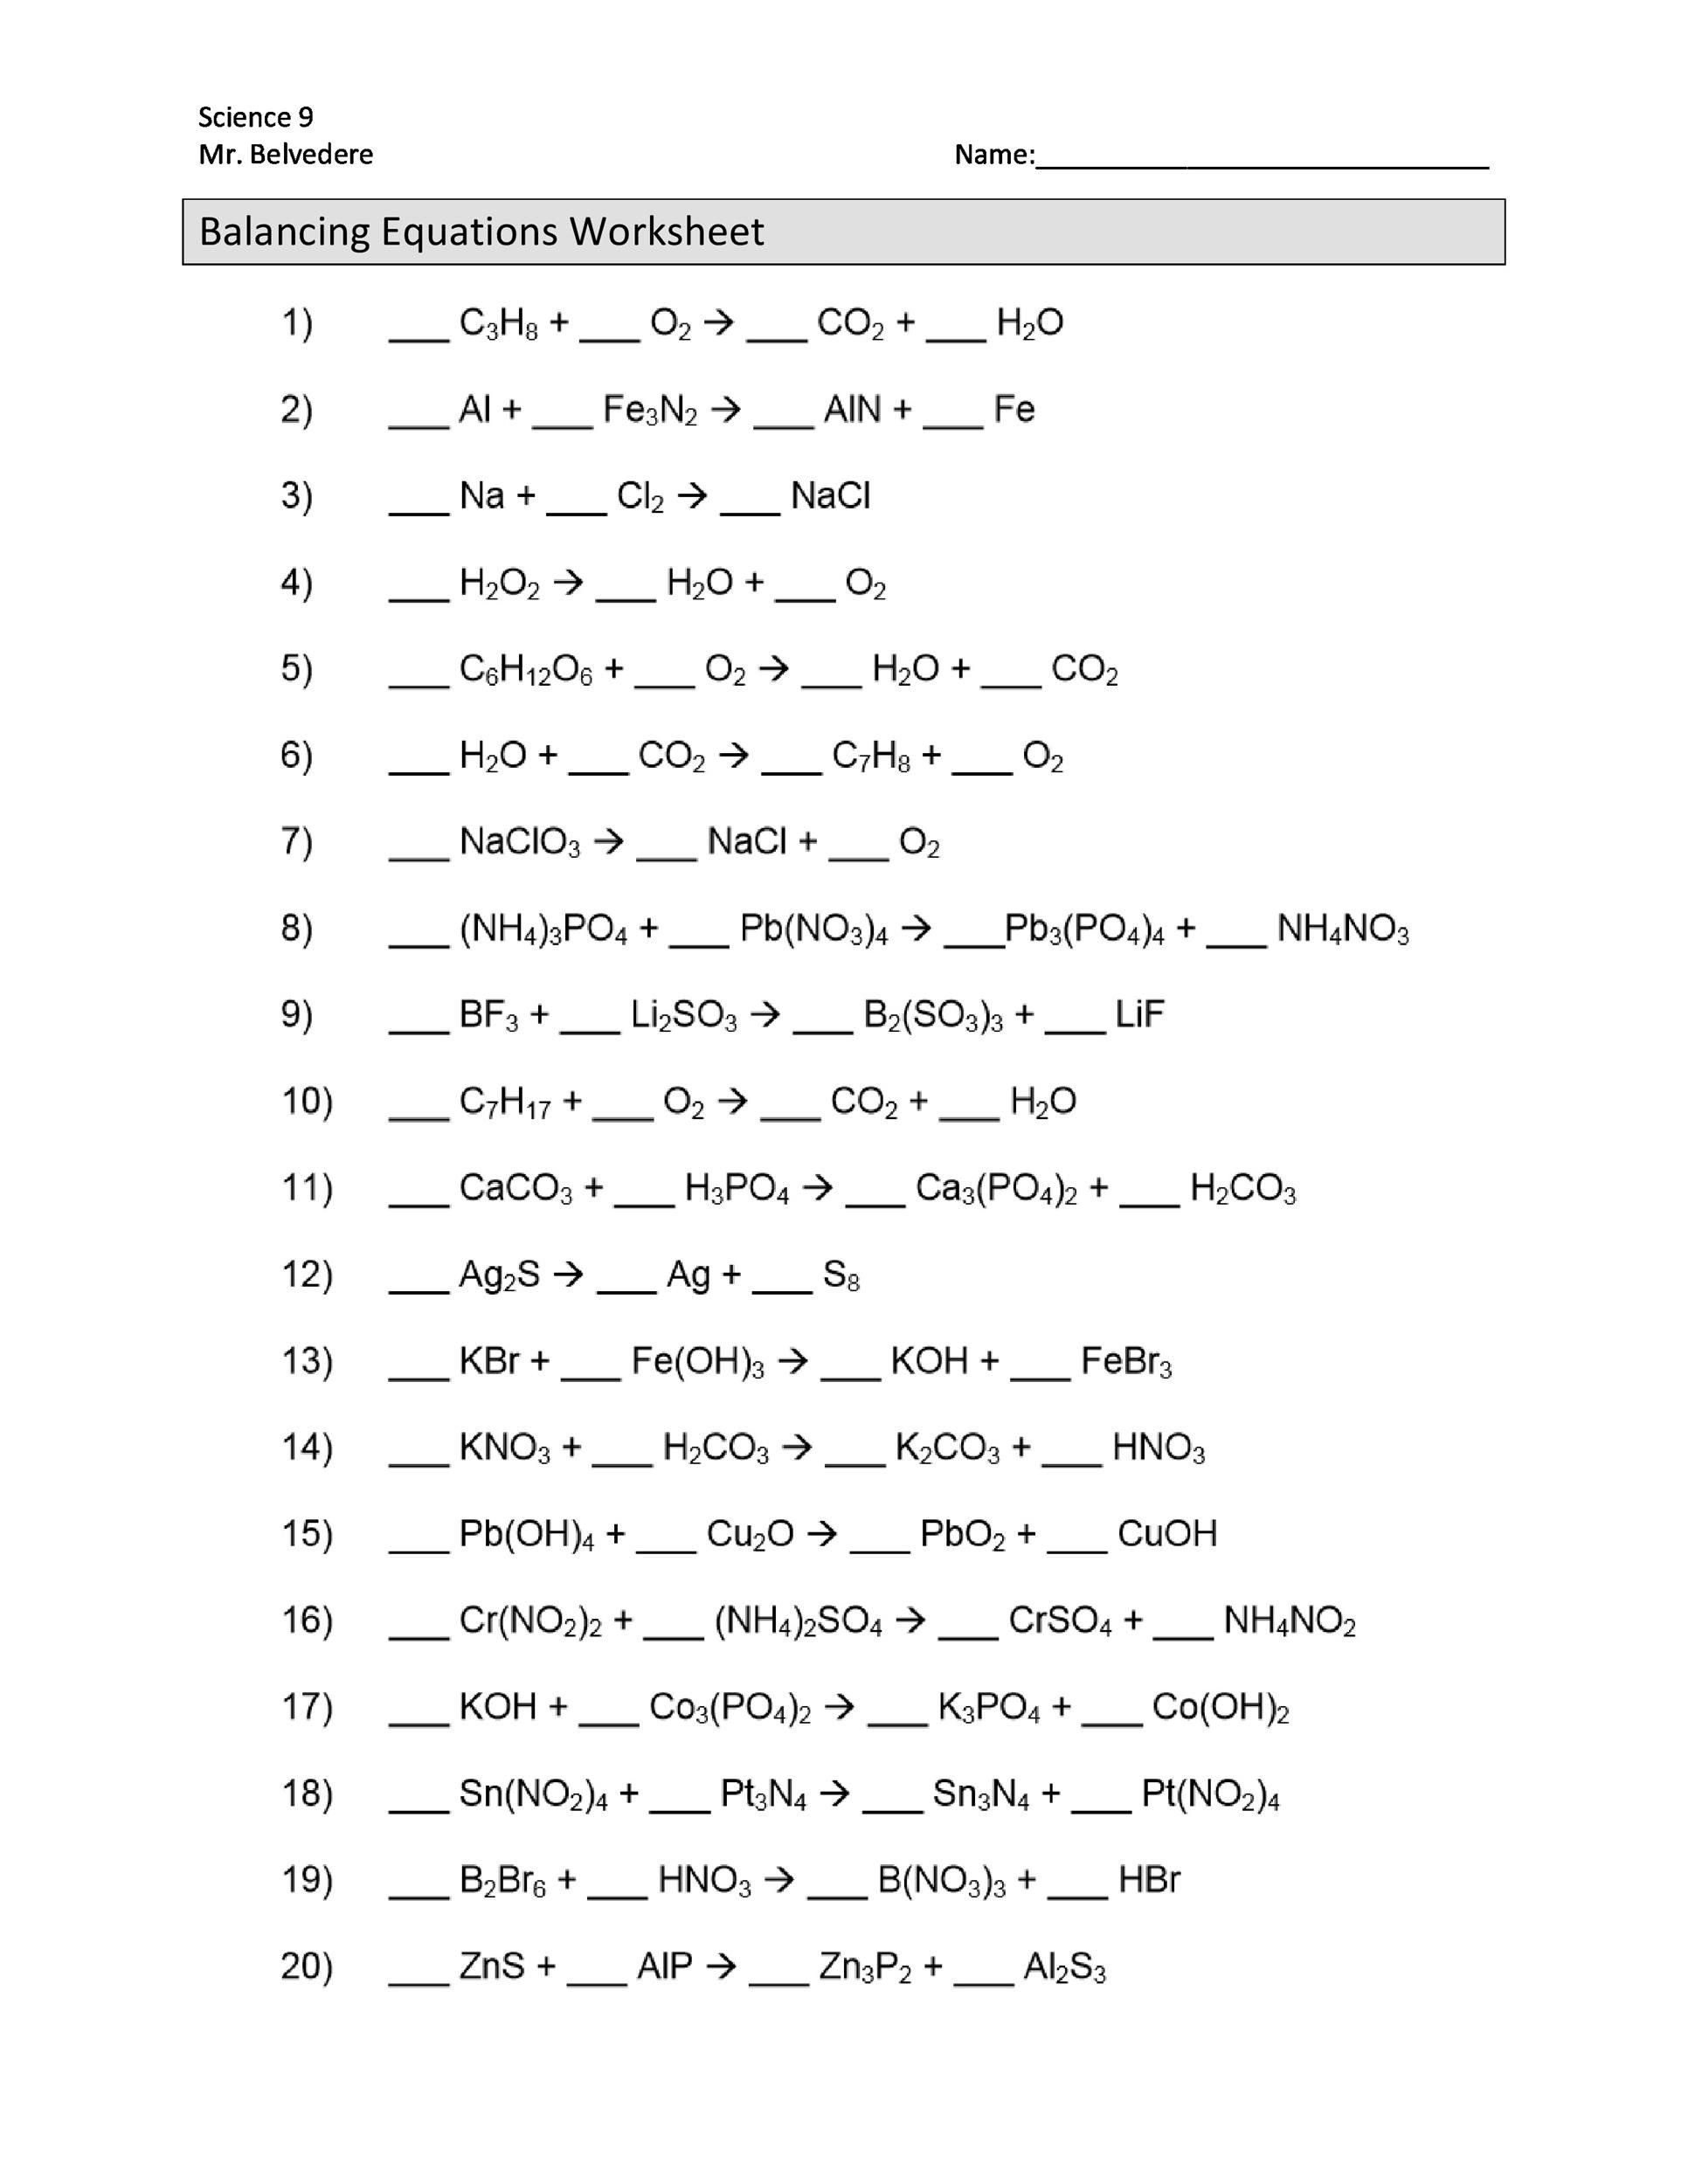 Balancing Equation Worksheet With Answers 49 Balancing